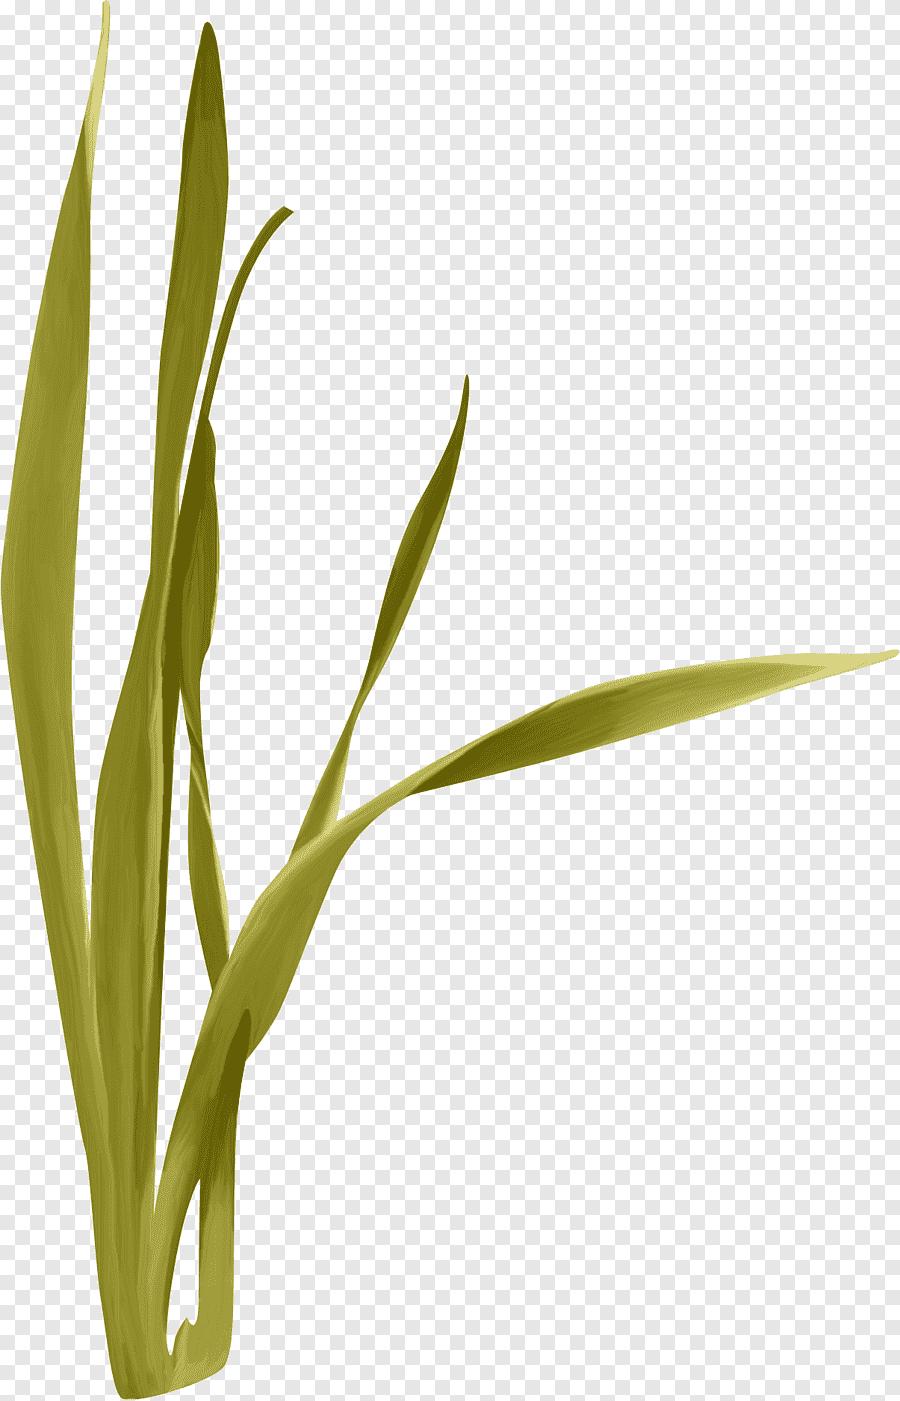 Cartoon Grass Png : cartoon, grass, Computer, File,, Grass,, Leaf,, Cartoon, Grass, PNGEgg